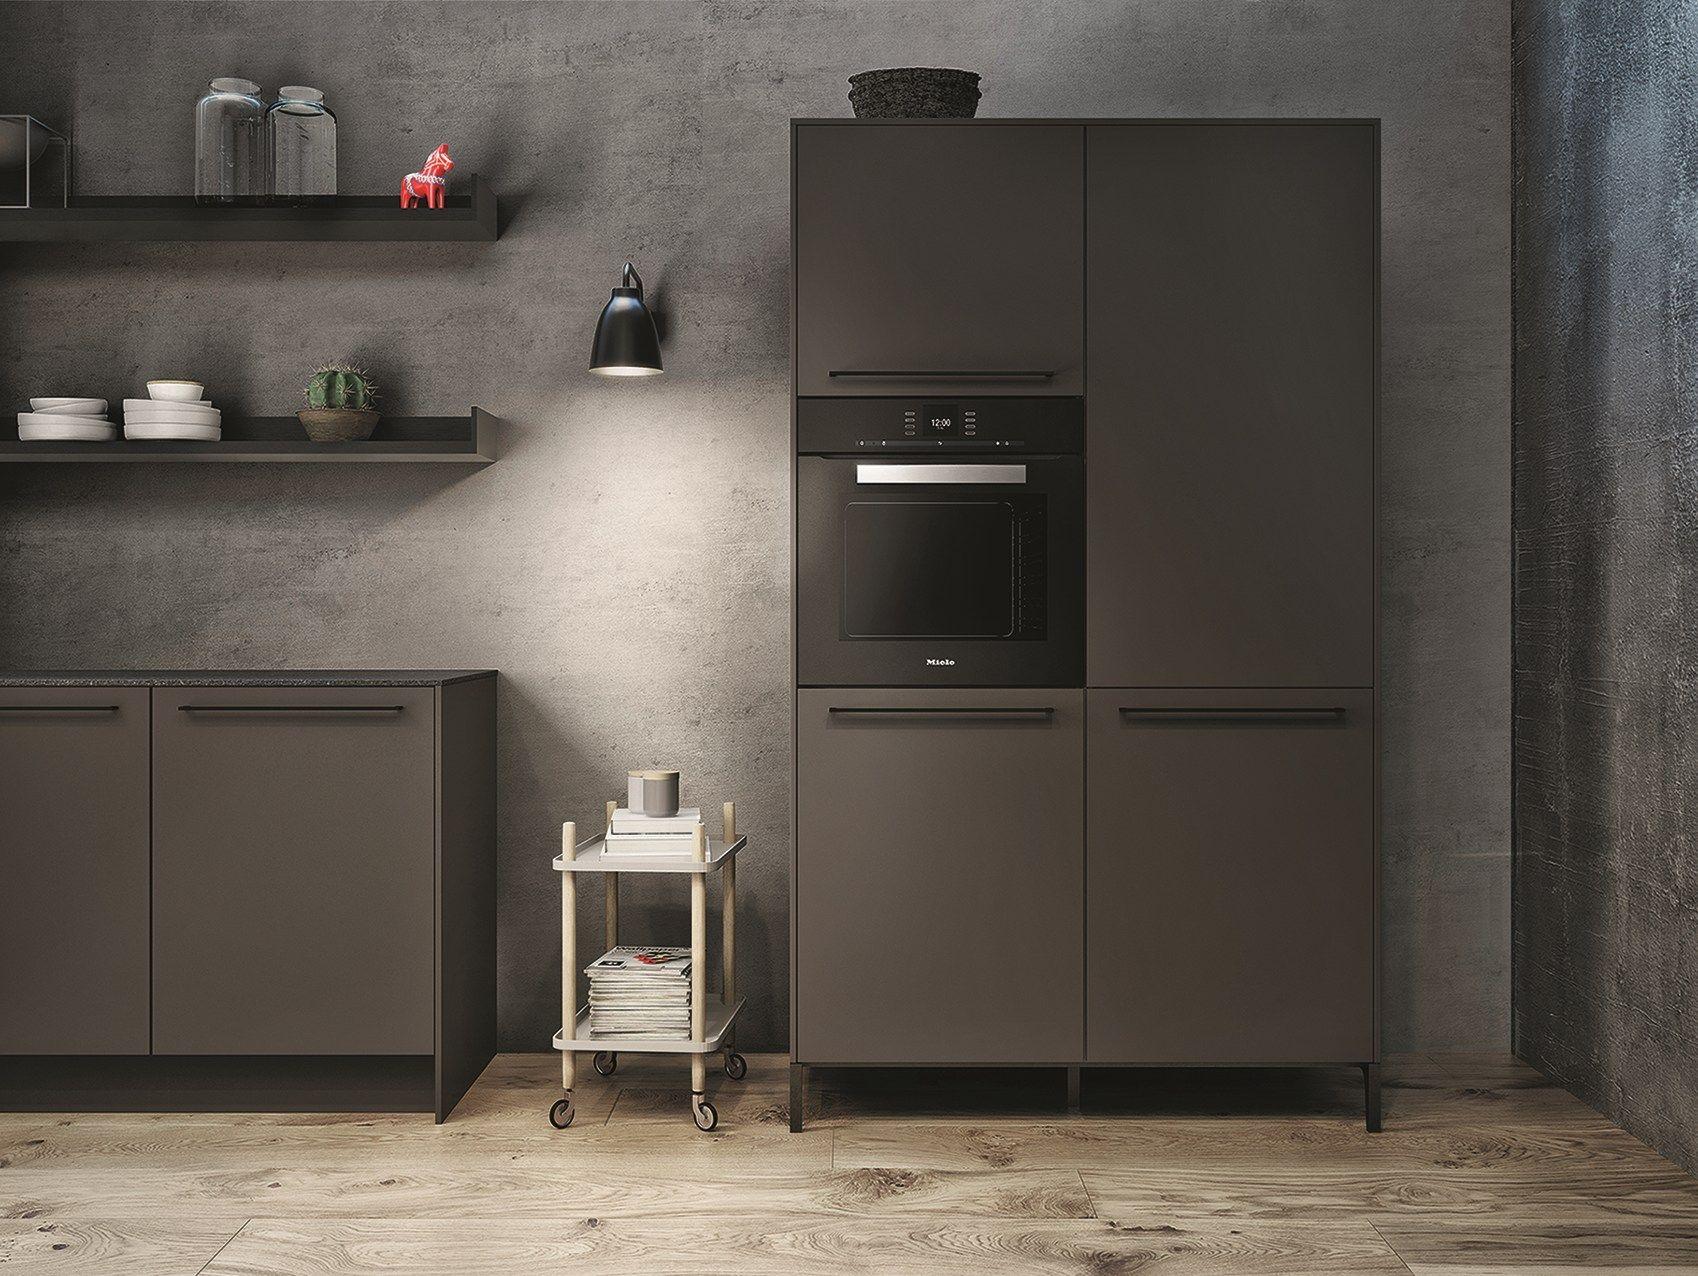 colonna per frigorifero forno e lavastoviglie siematic 29 by siematic. Black Bedroom Furniture Sets. Home Design Ideas